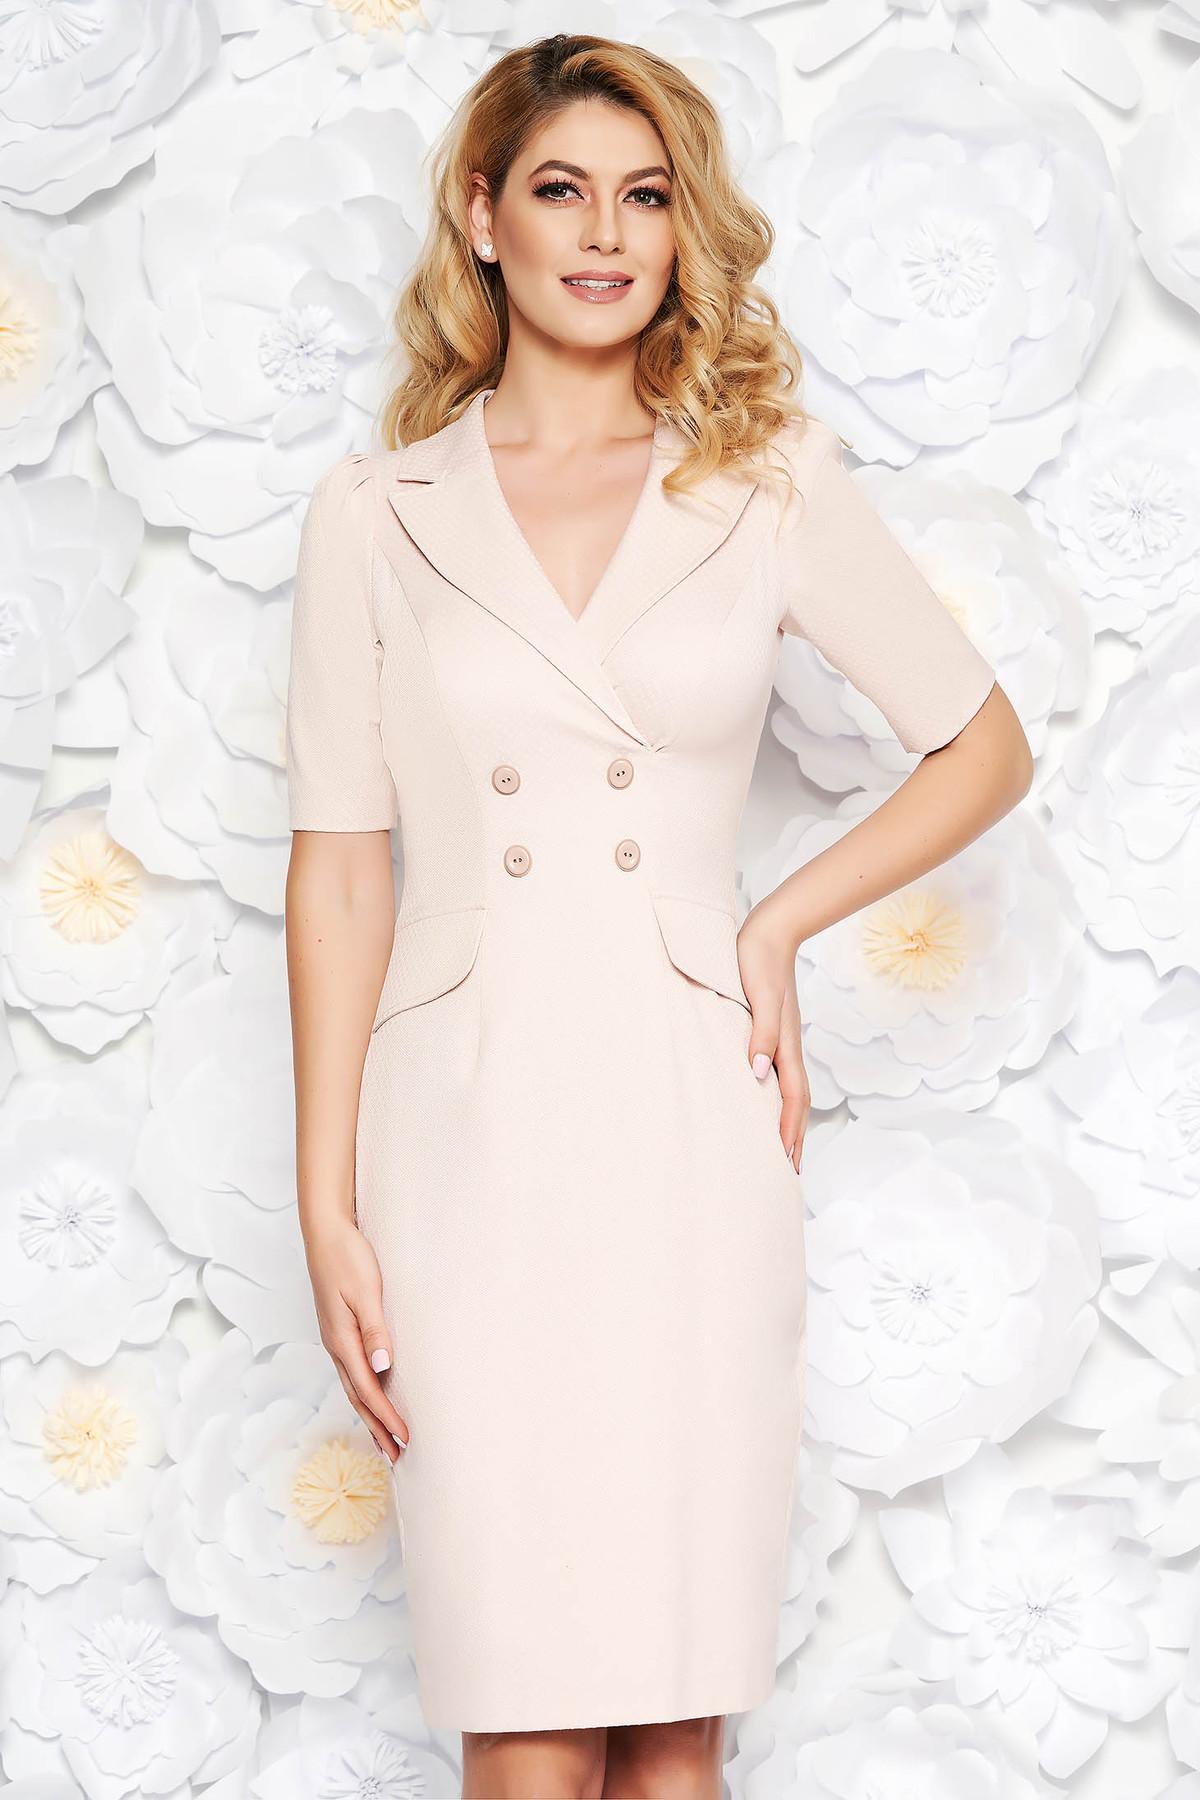 Rochie rosa eleganta midi tip creion din bumbac usor elastic captusita pe interior accesorizata cu nasturi